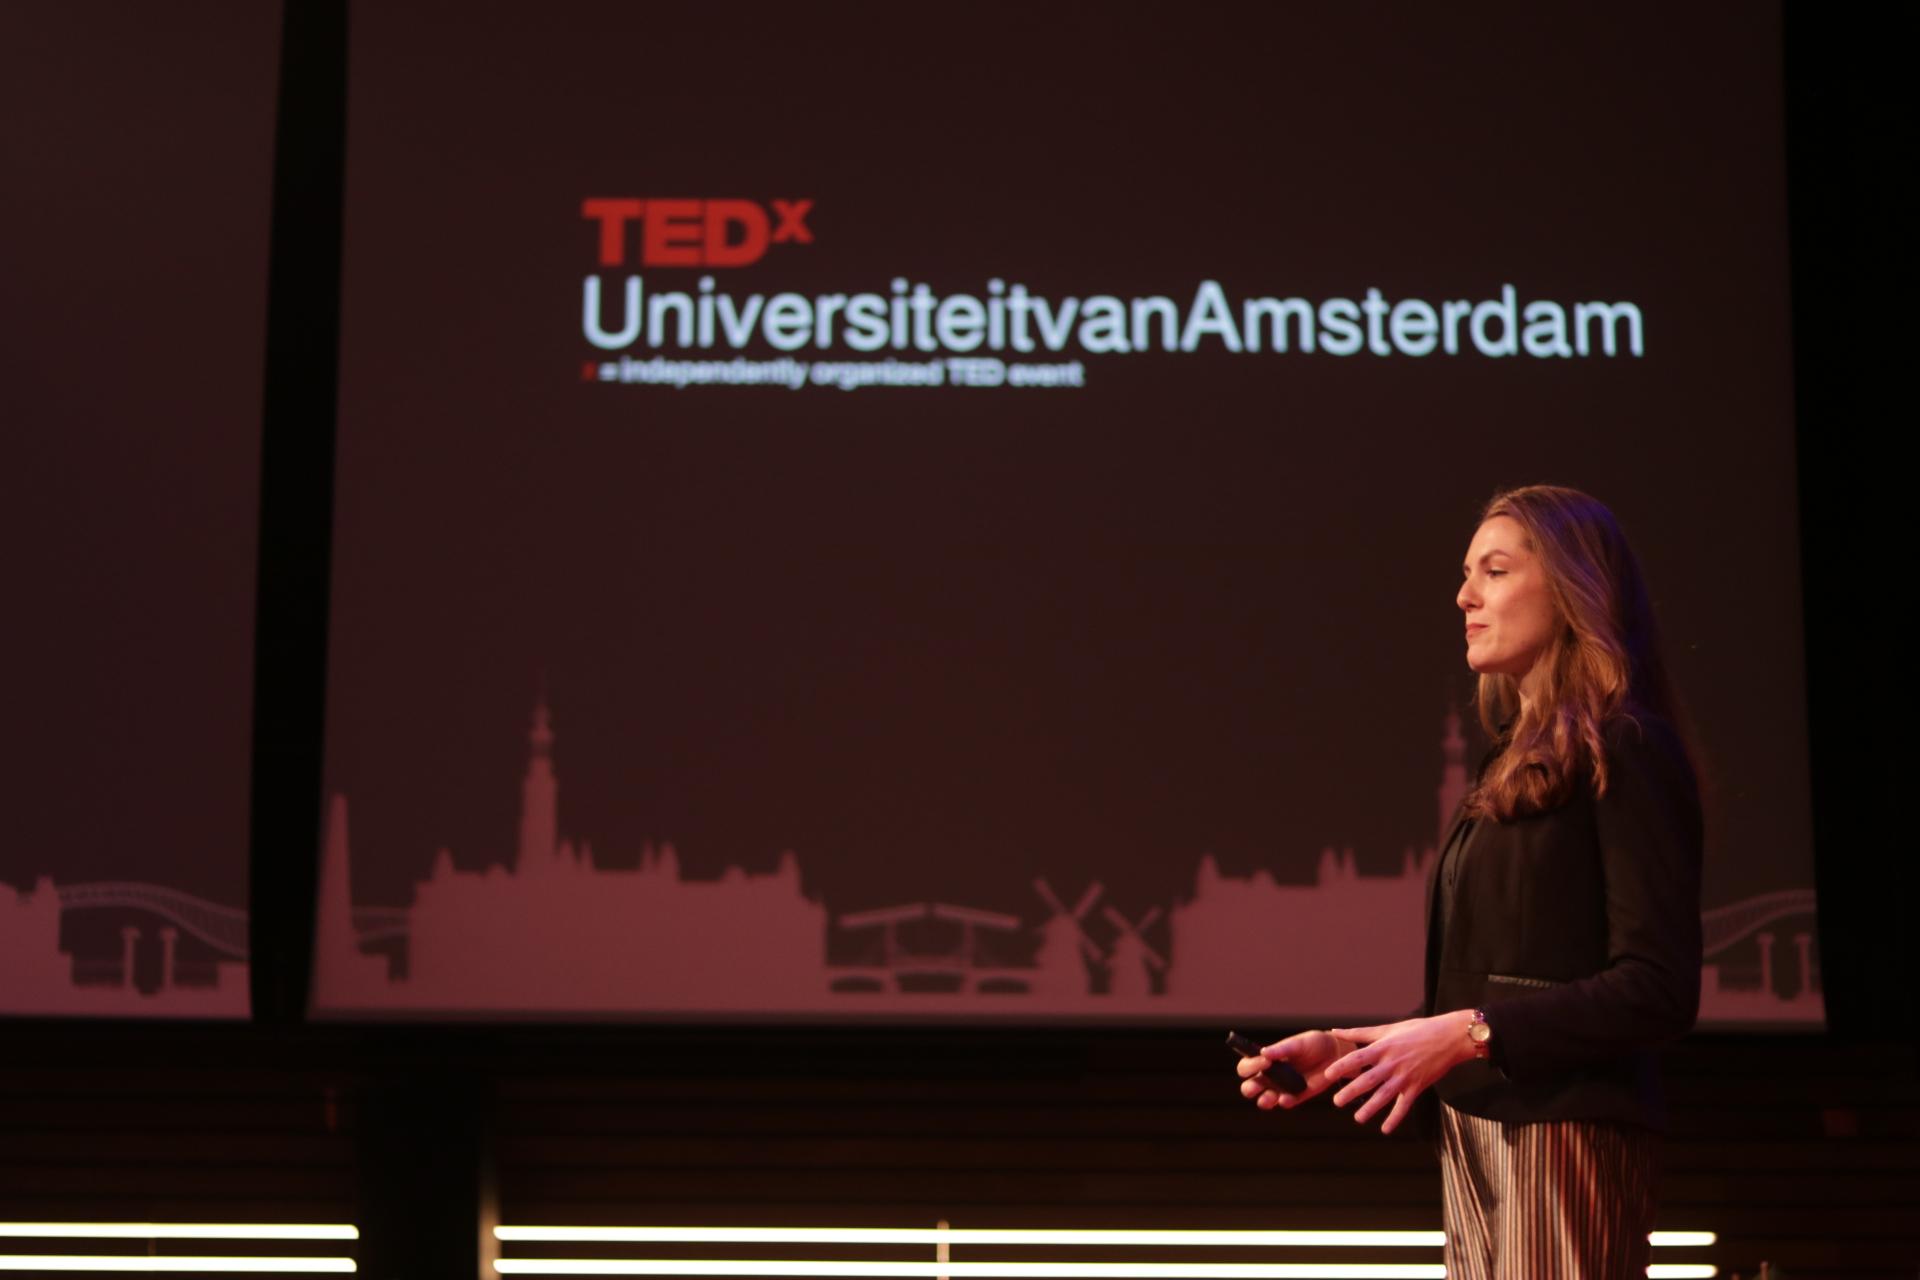 TEDxUvA